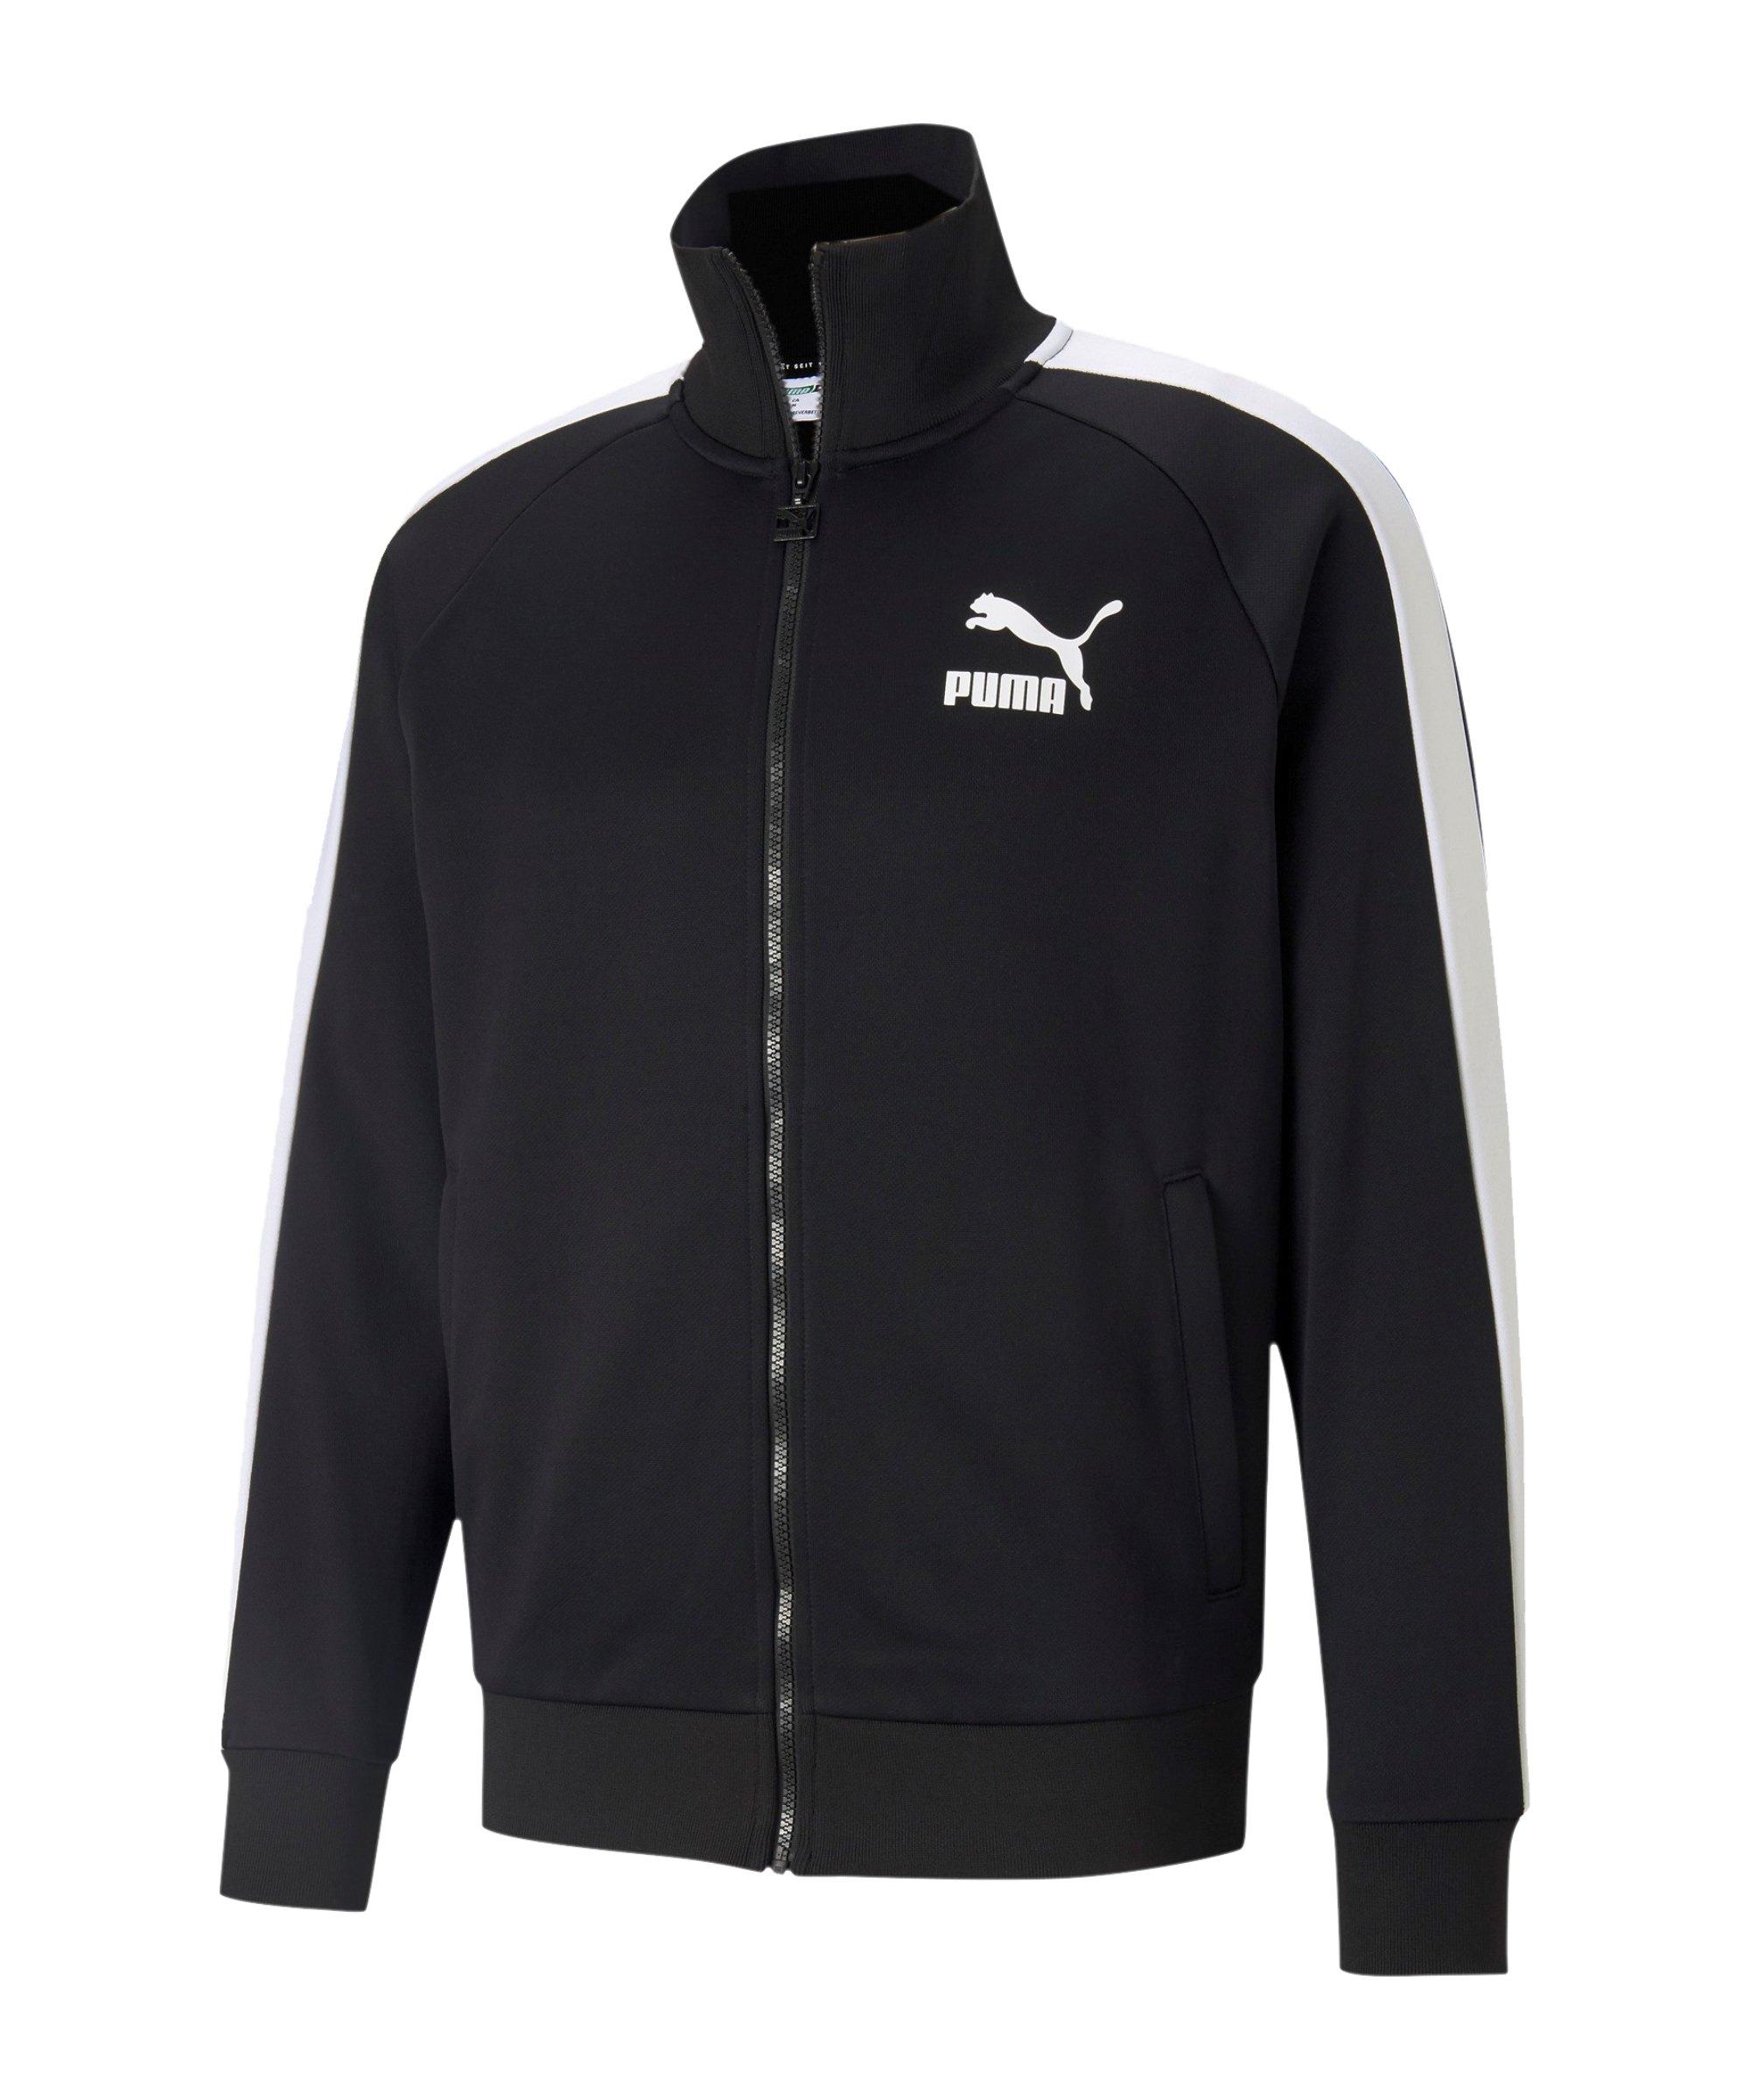 PUMA Iconic T7 Jacke Schwarz F01 - schwarz